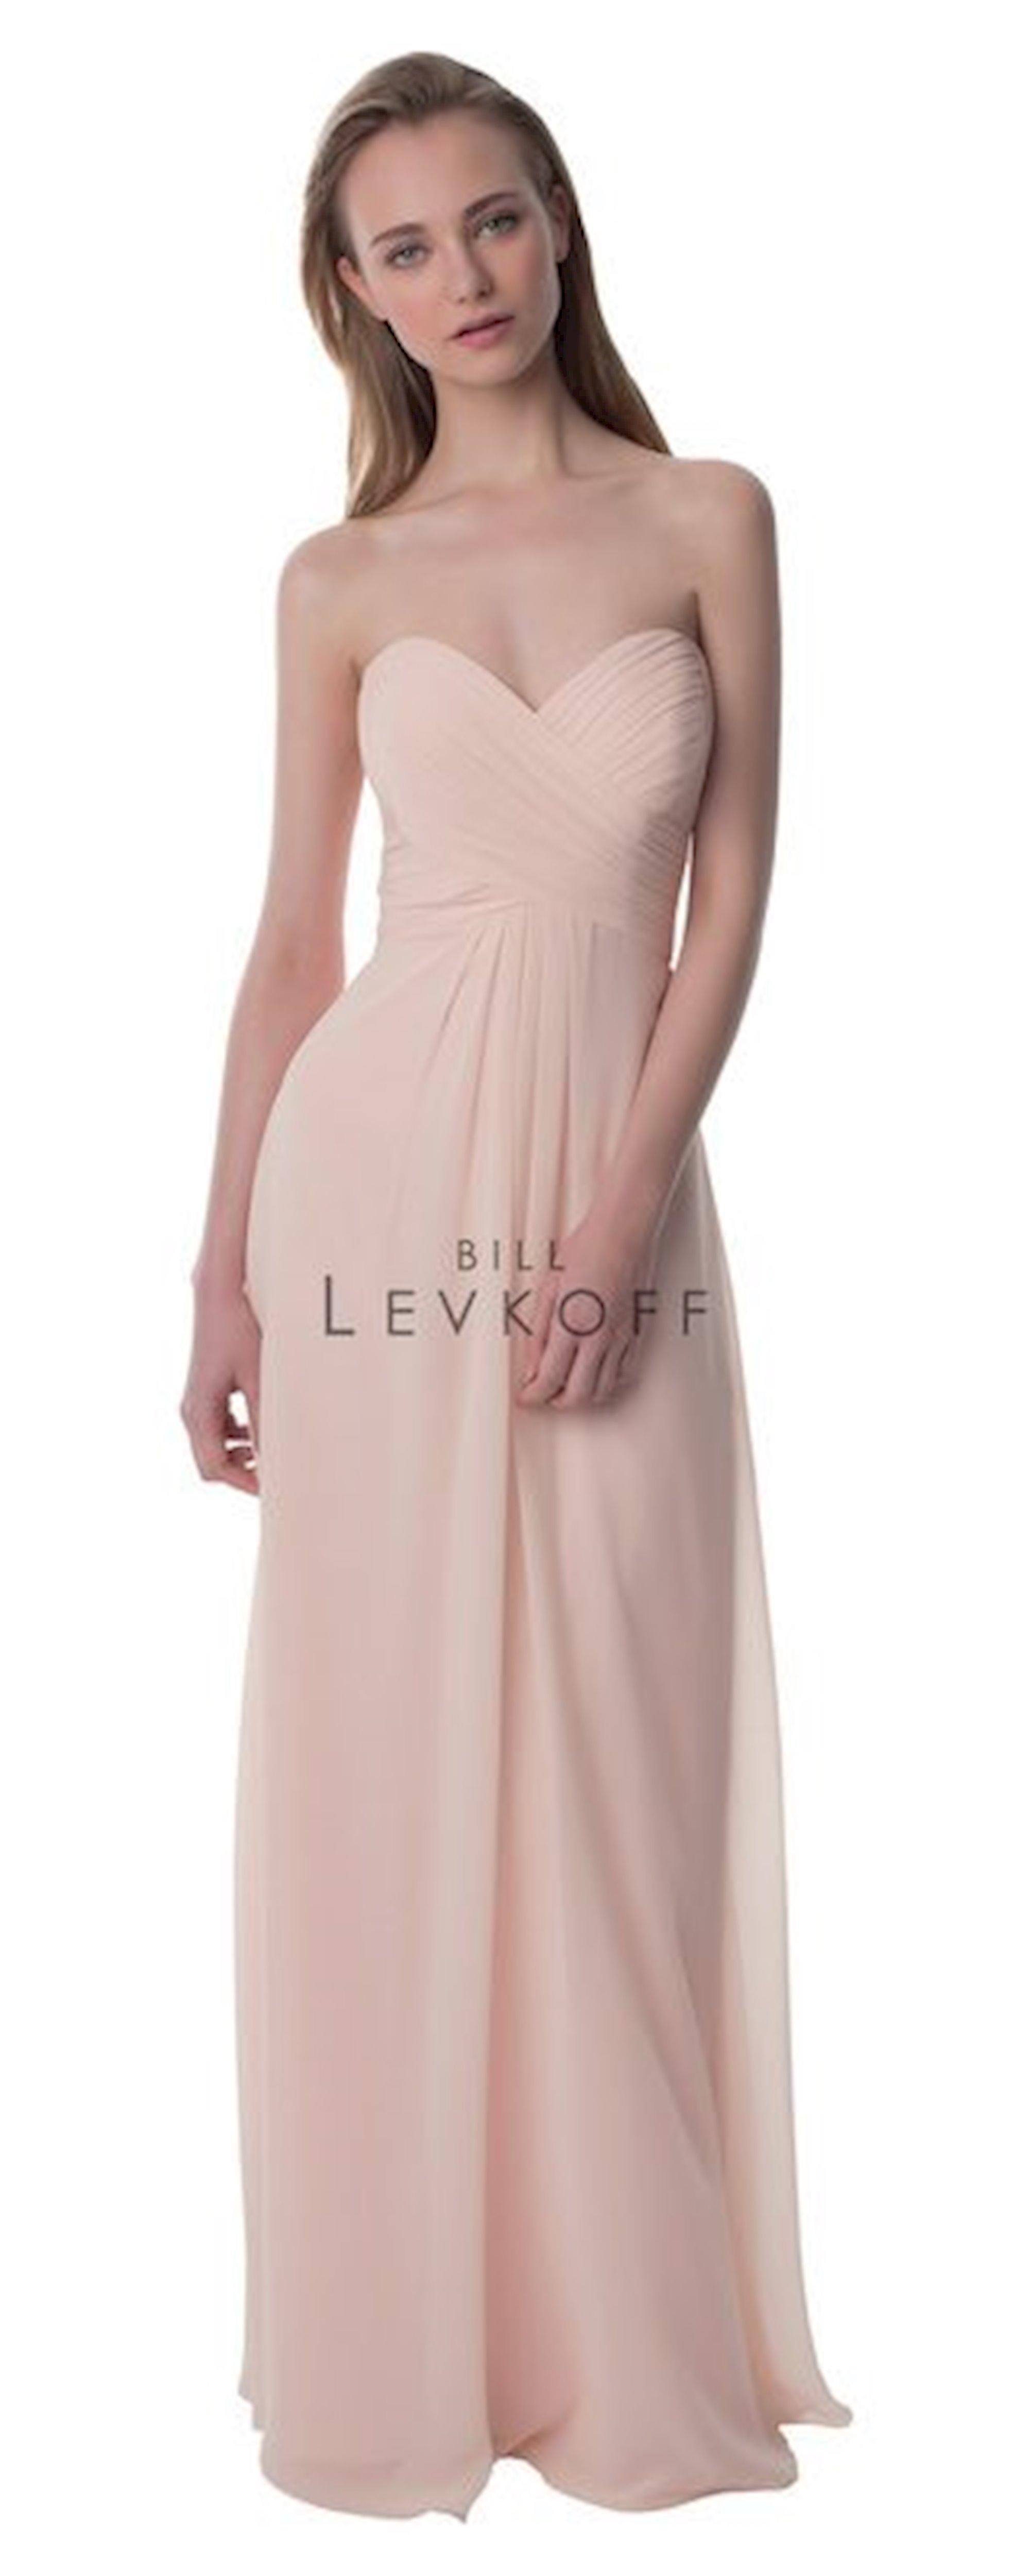 45676a939a Bill Levkoff Bridesmaids Dresses